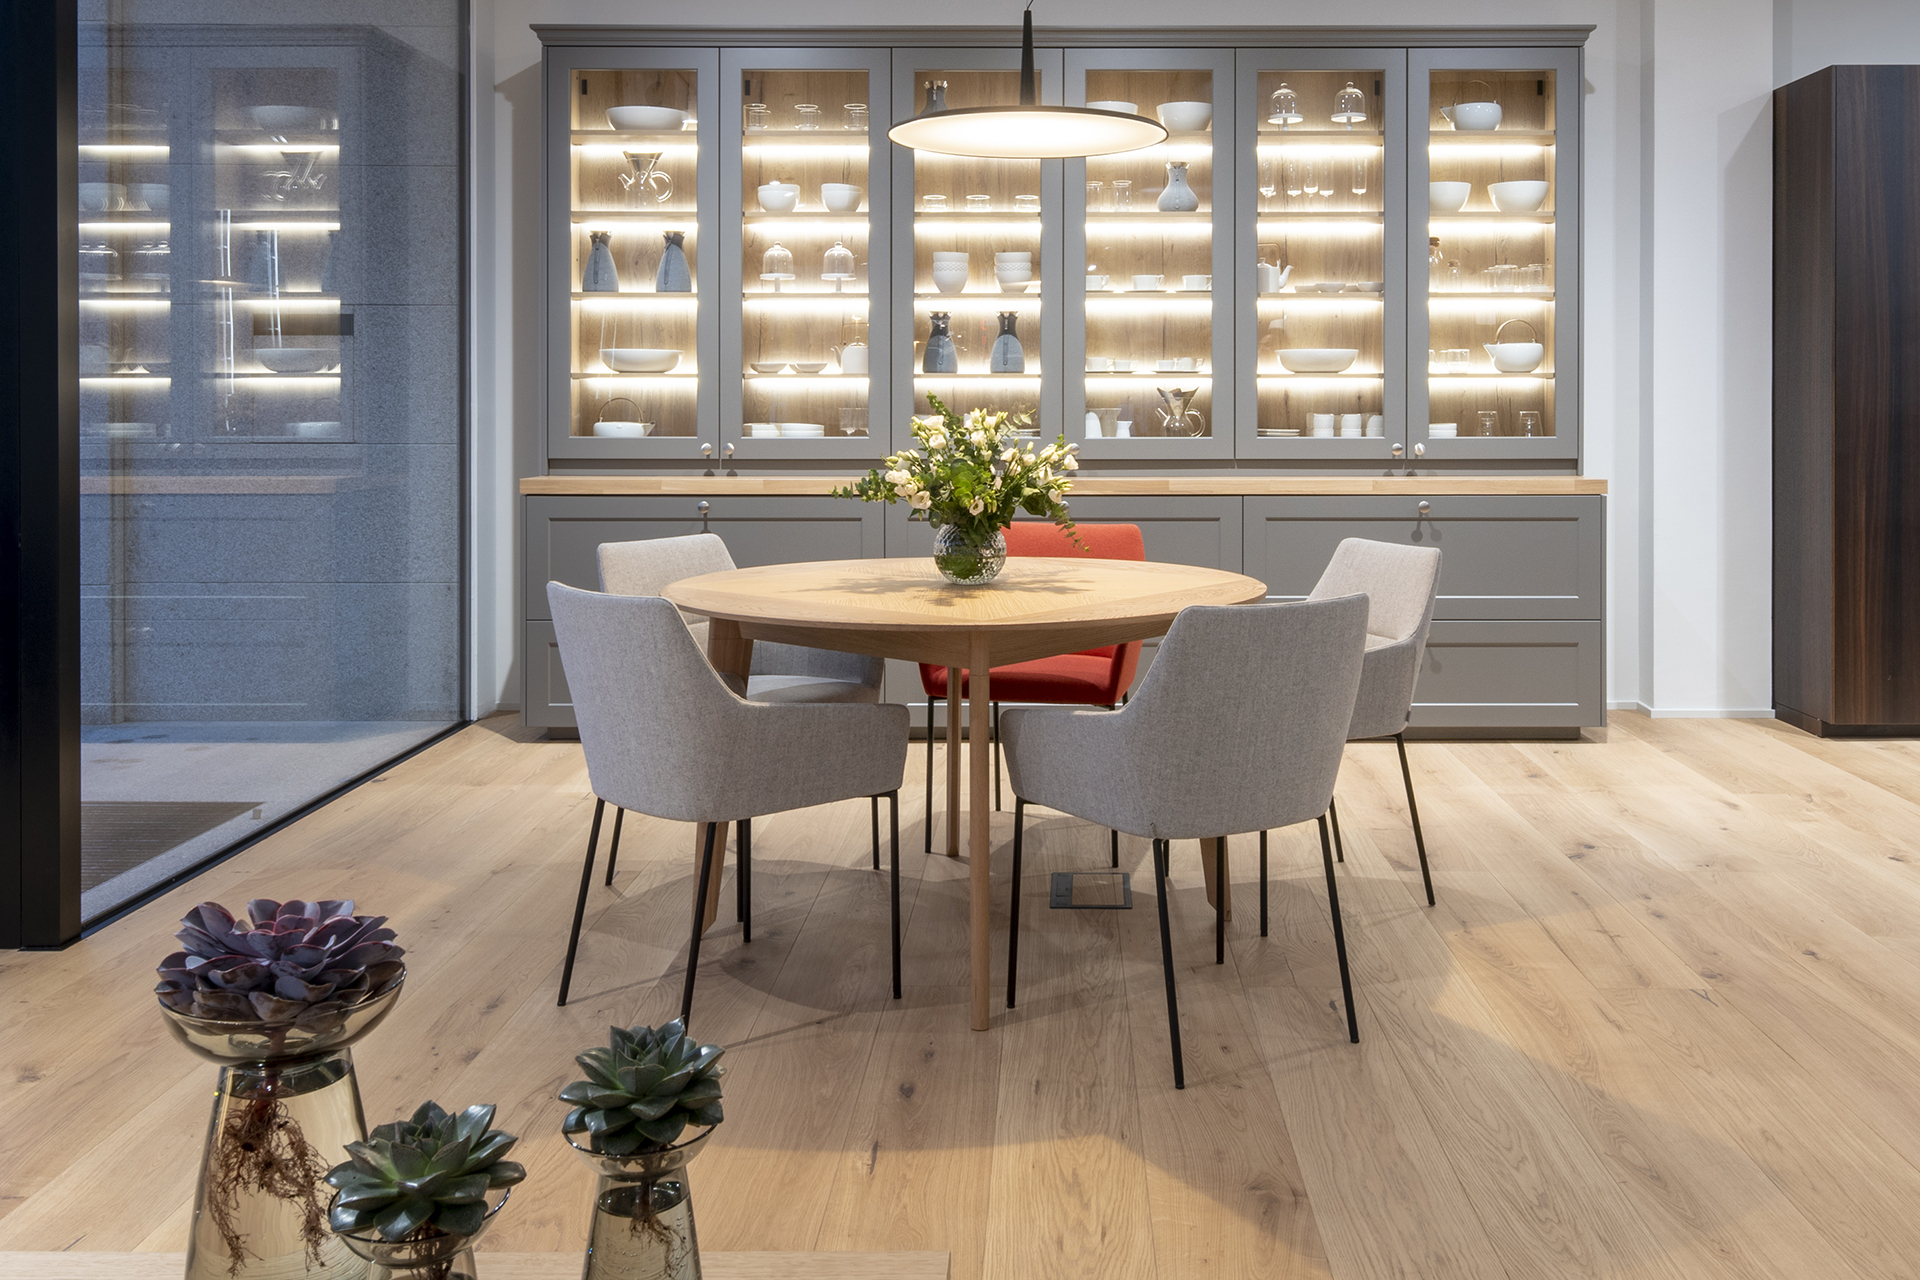 Más complementos en Santiago Interiores. Mesas de diseño exclusivo